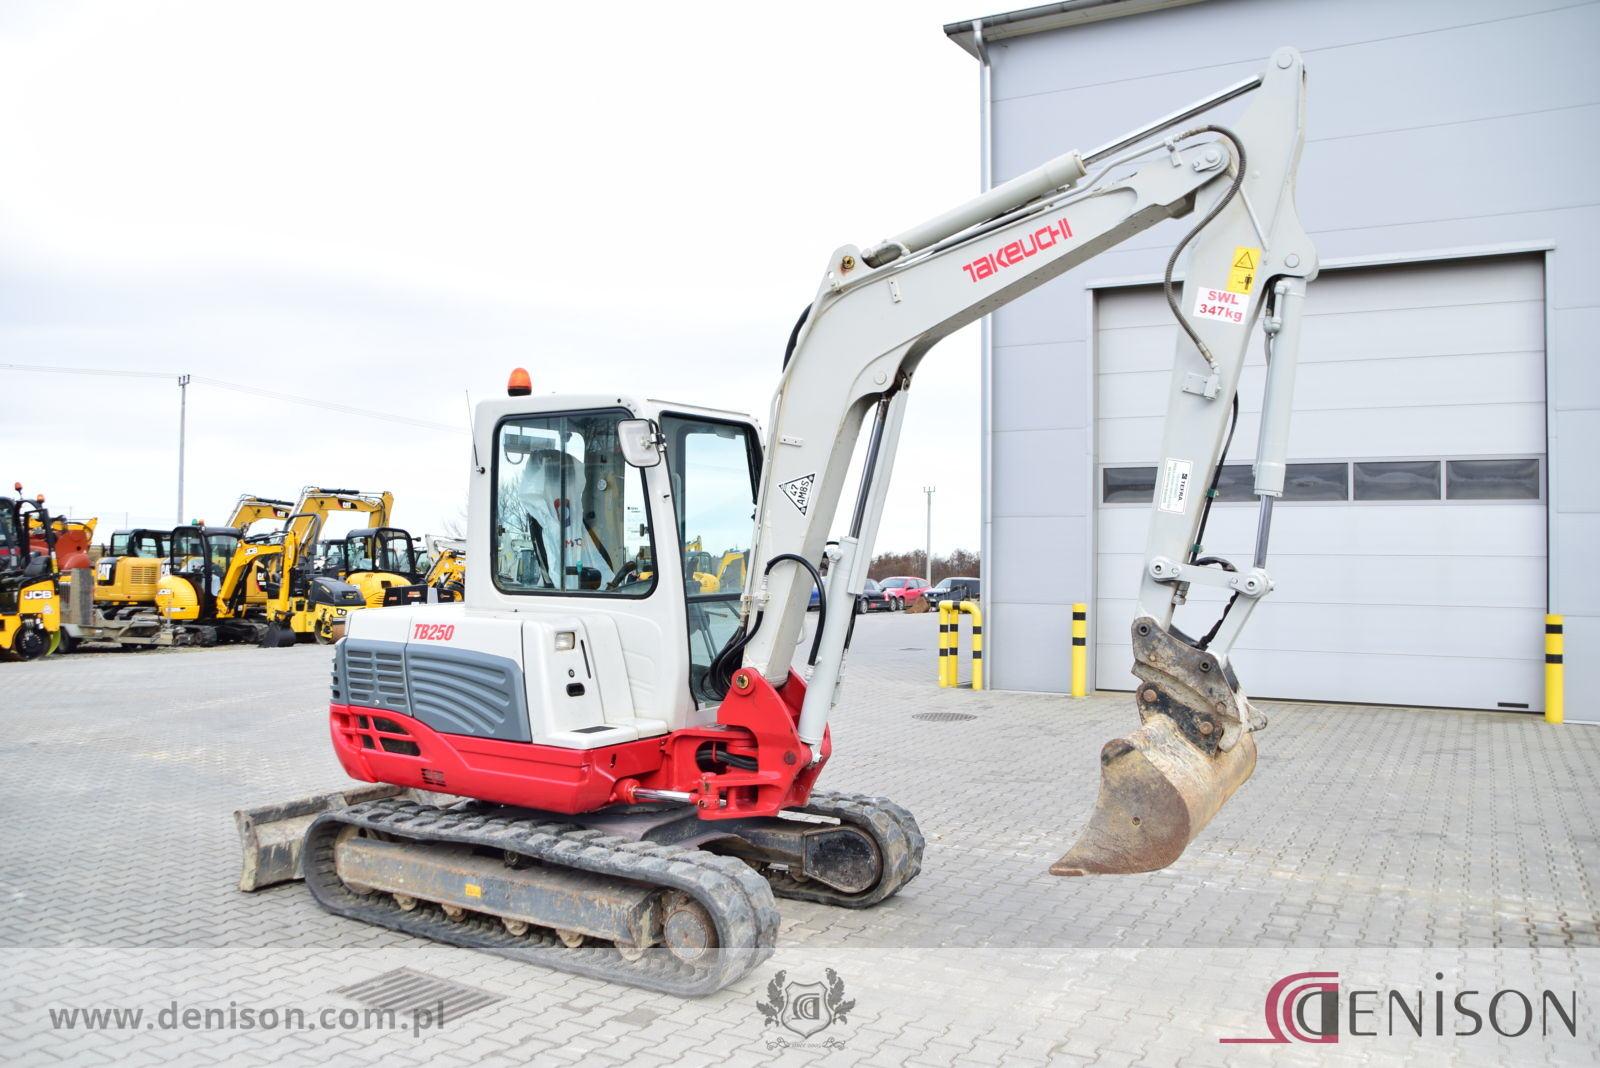 Takeuchi TB250 – Sprzedaż maszyn budowlanych JCB